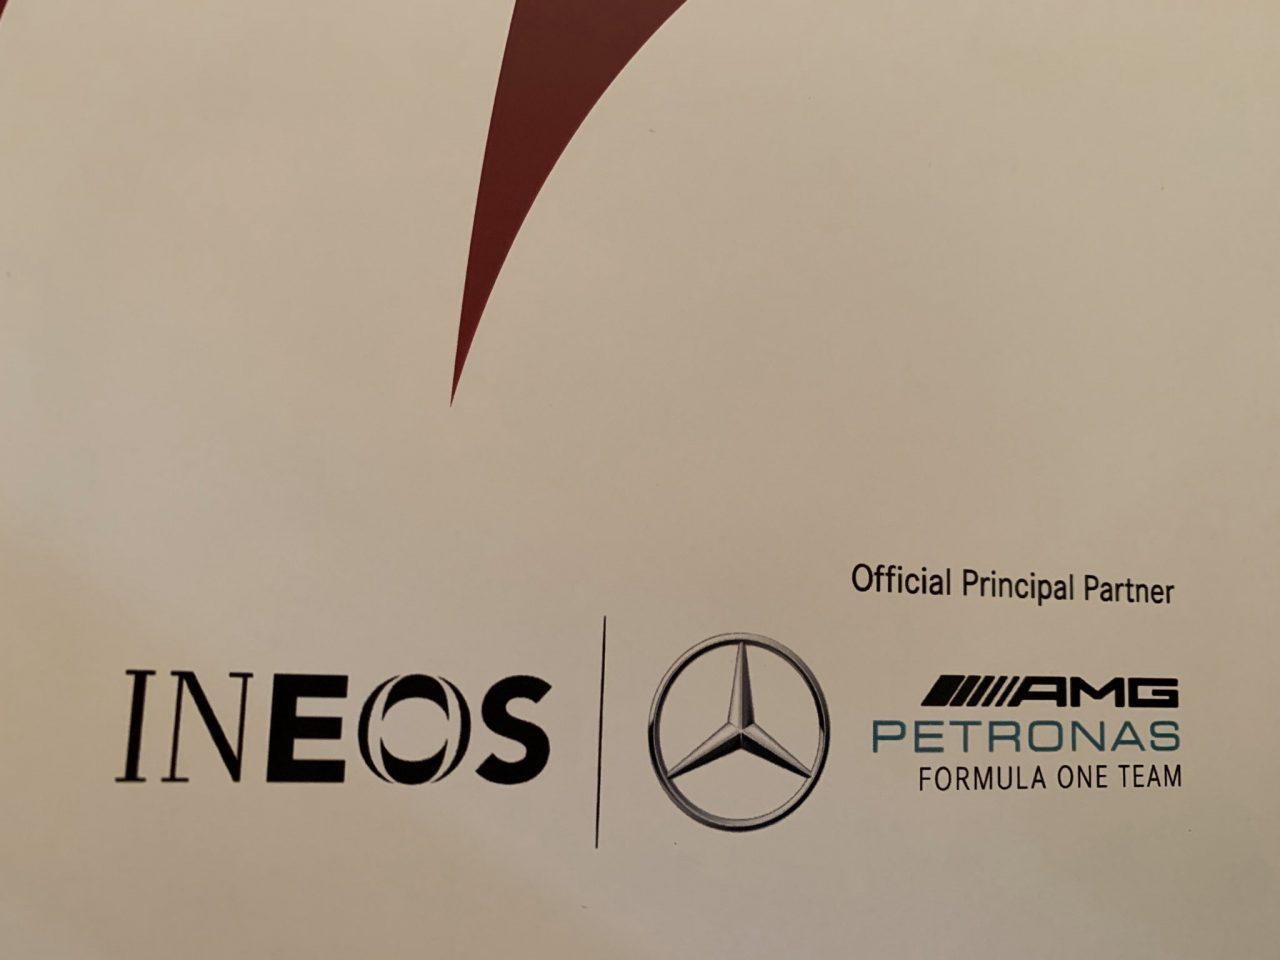 Mercedes siguió a Haas y también presentó la pintura 2020 antes de lo previsto